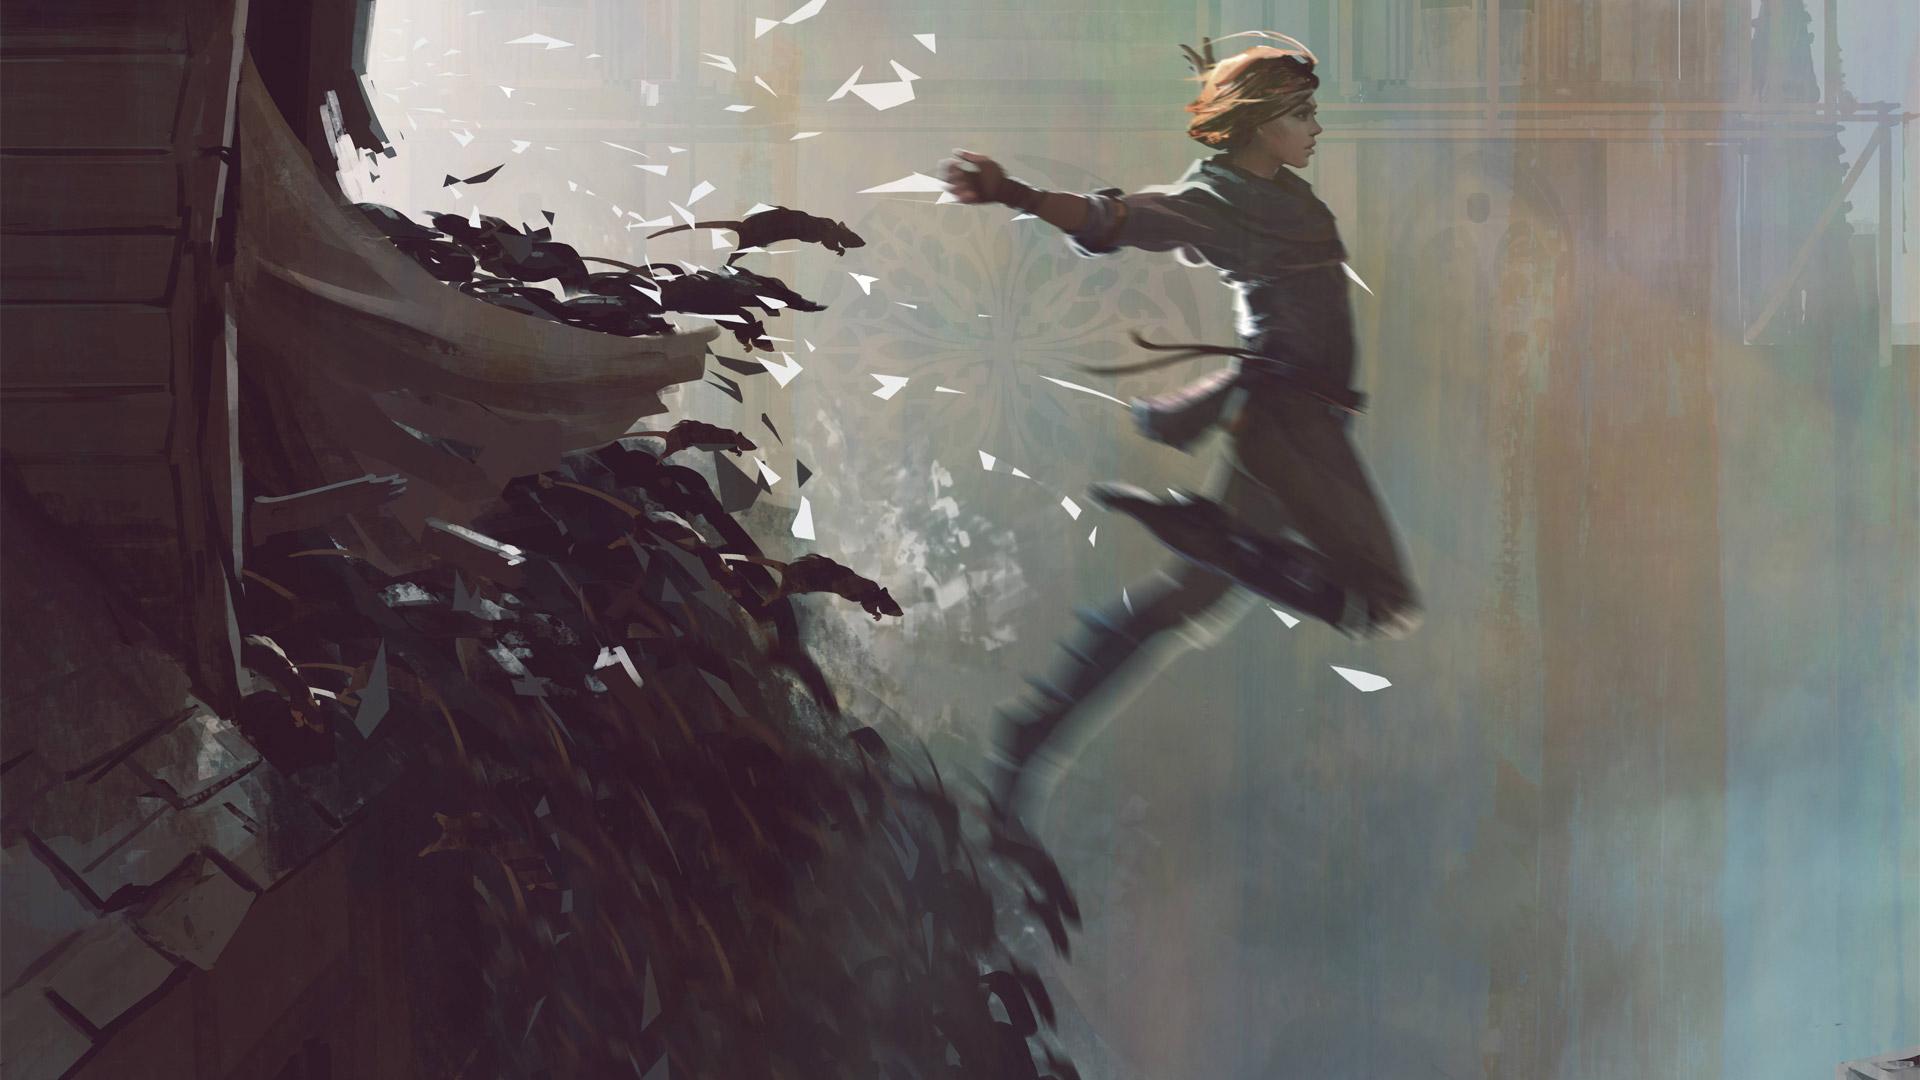 A Plague Tale: Innocence Wallpaper in 1920x1080